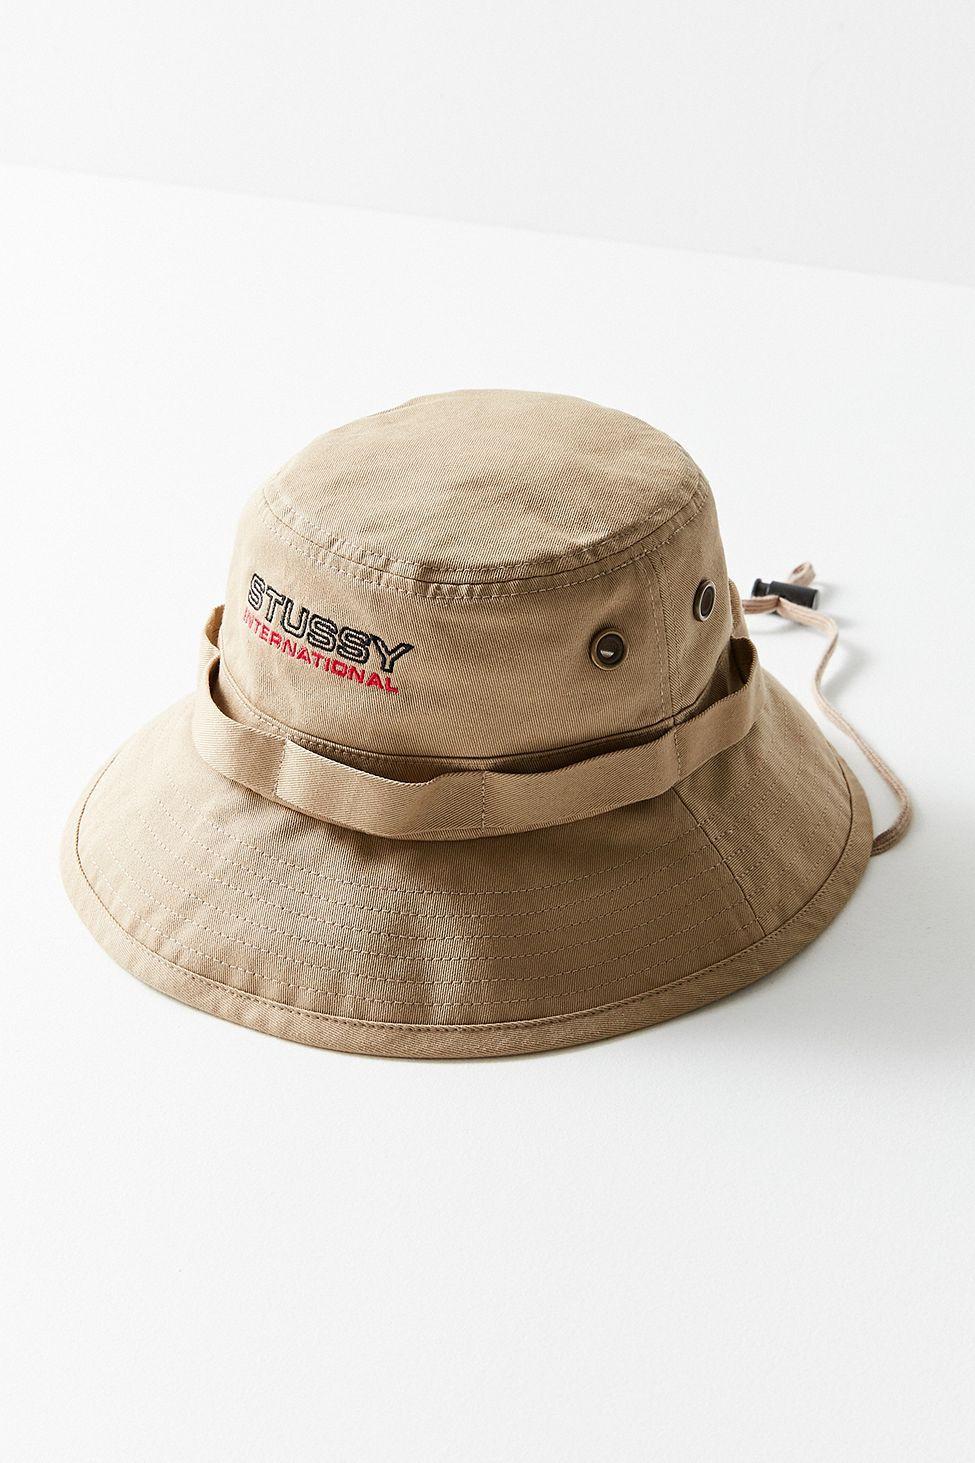 Pin By Antonia De La Paz On Ropa In 2021 Stussy Hats Fisherman Hat